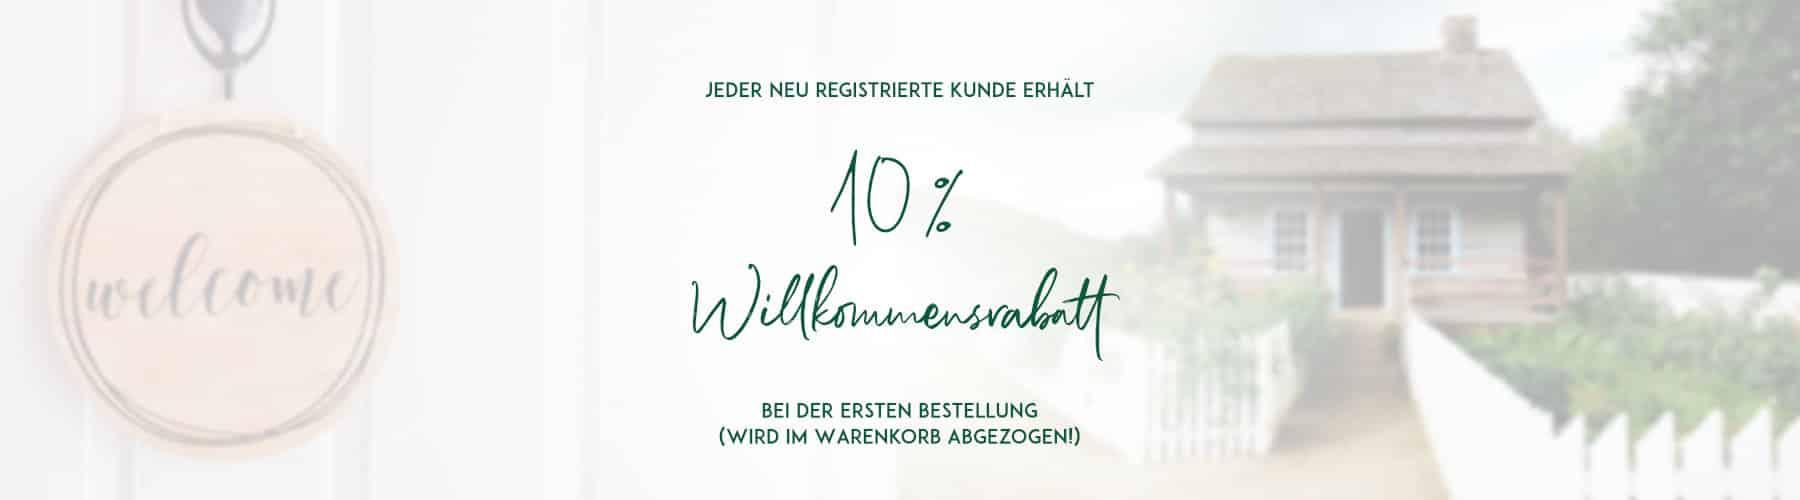 10% Willkommensrabatt bei SCHWARMGOLD